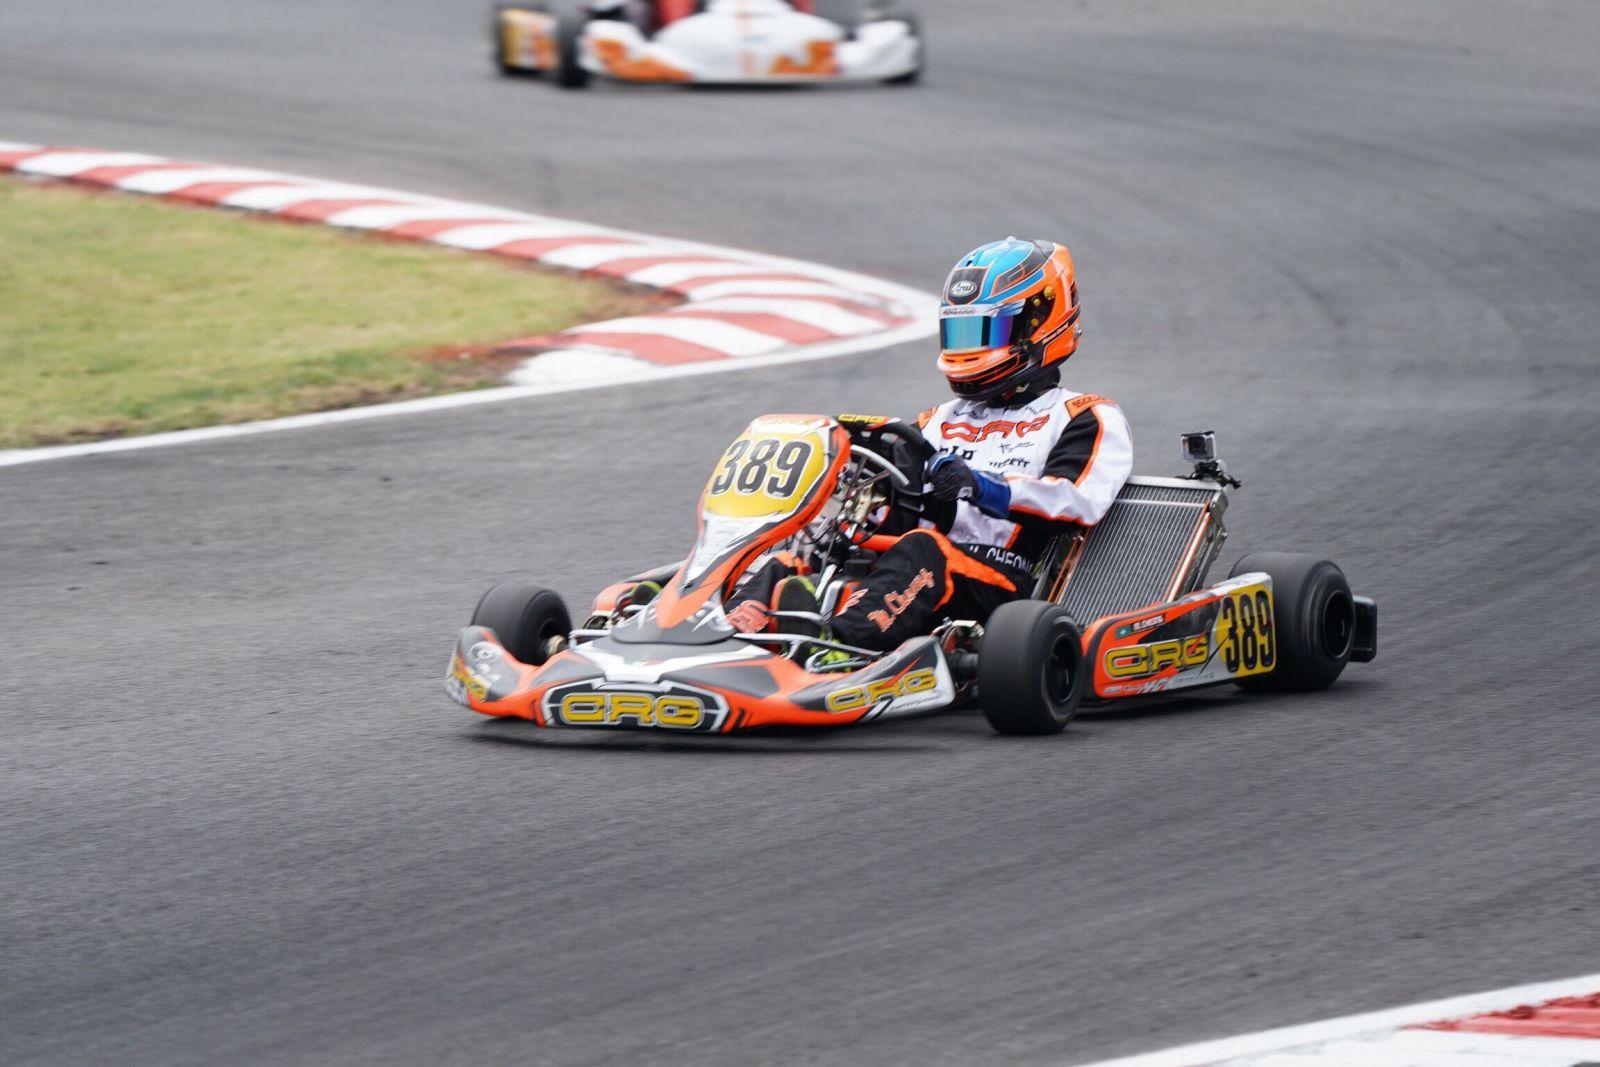 蔣文曦參加歐洲小型賽車錦標賽